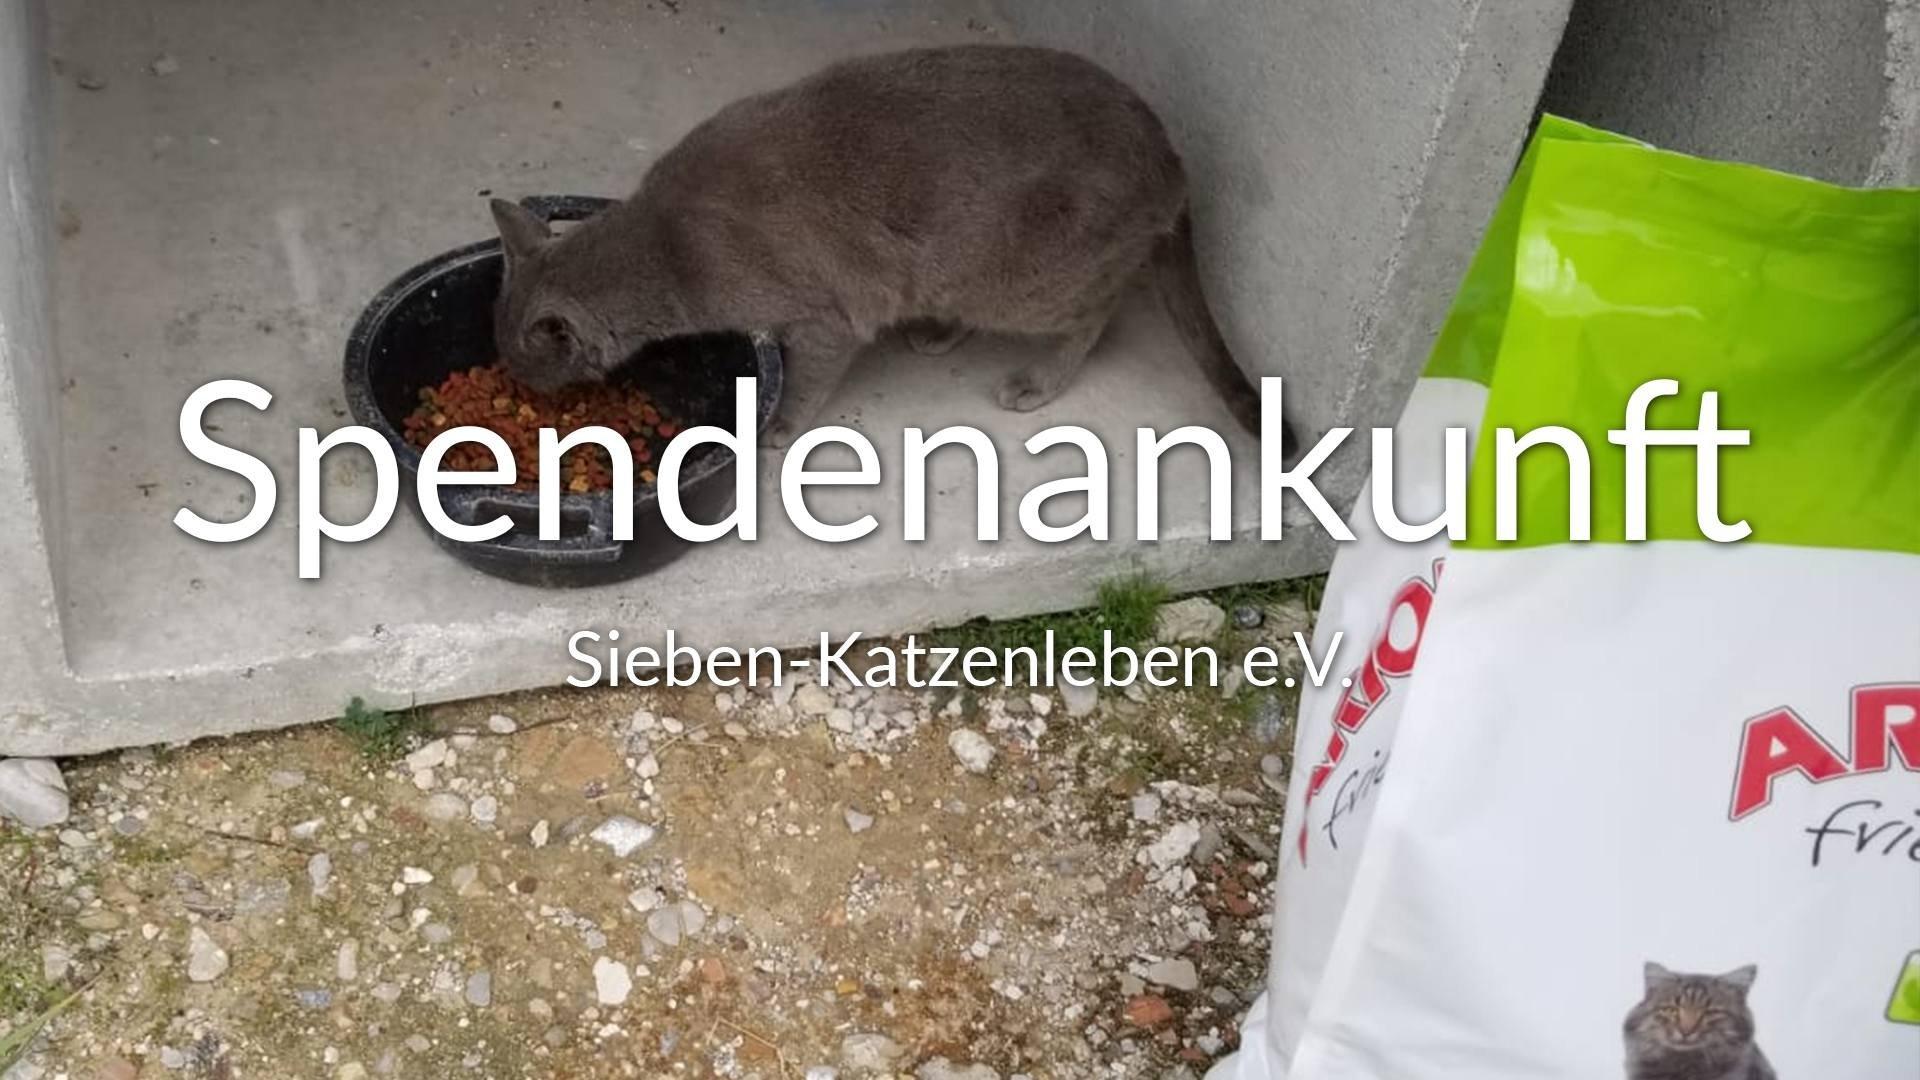 Sieben-Katzenleben e.V.-Futterspendenankunft-maerz-2020-Spenden-Marathon-2019-Spanien-VIDEO